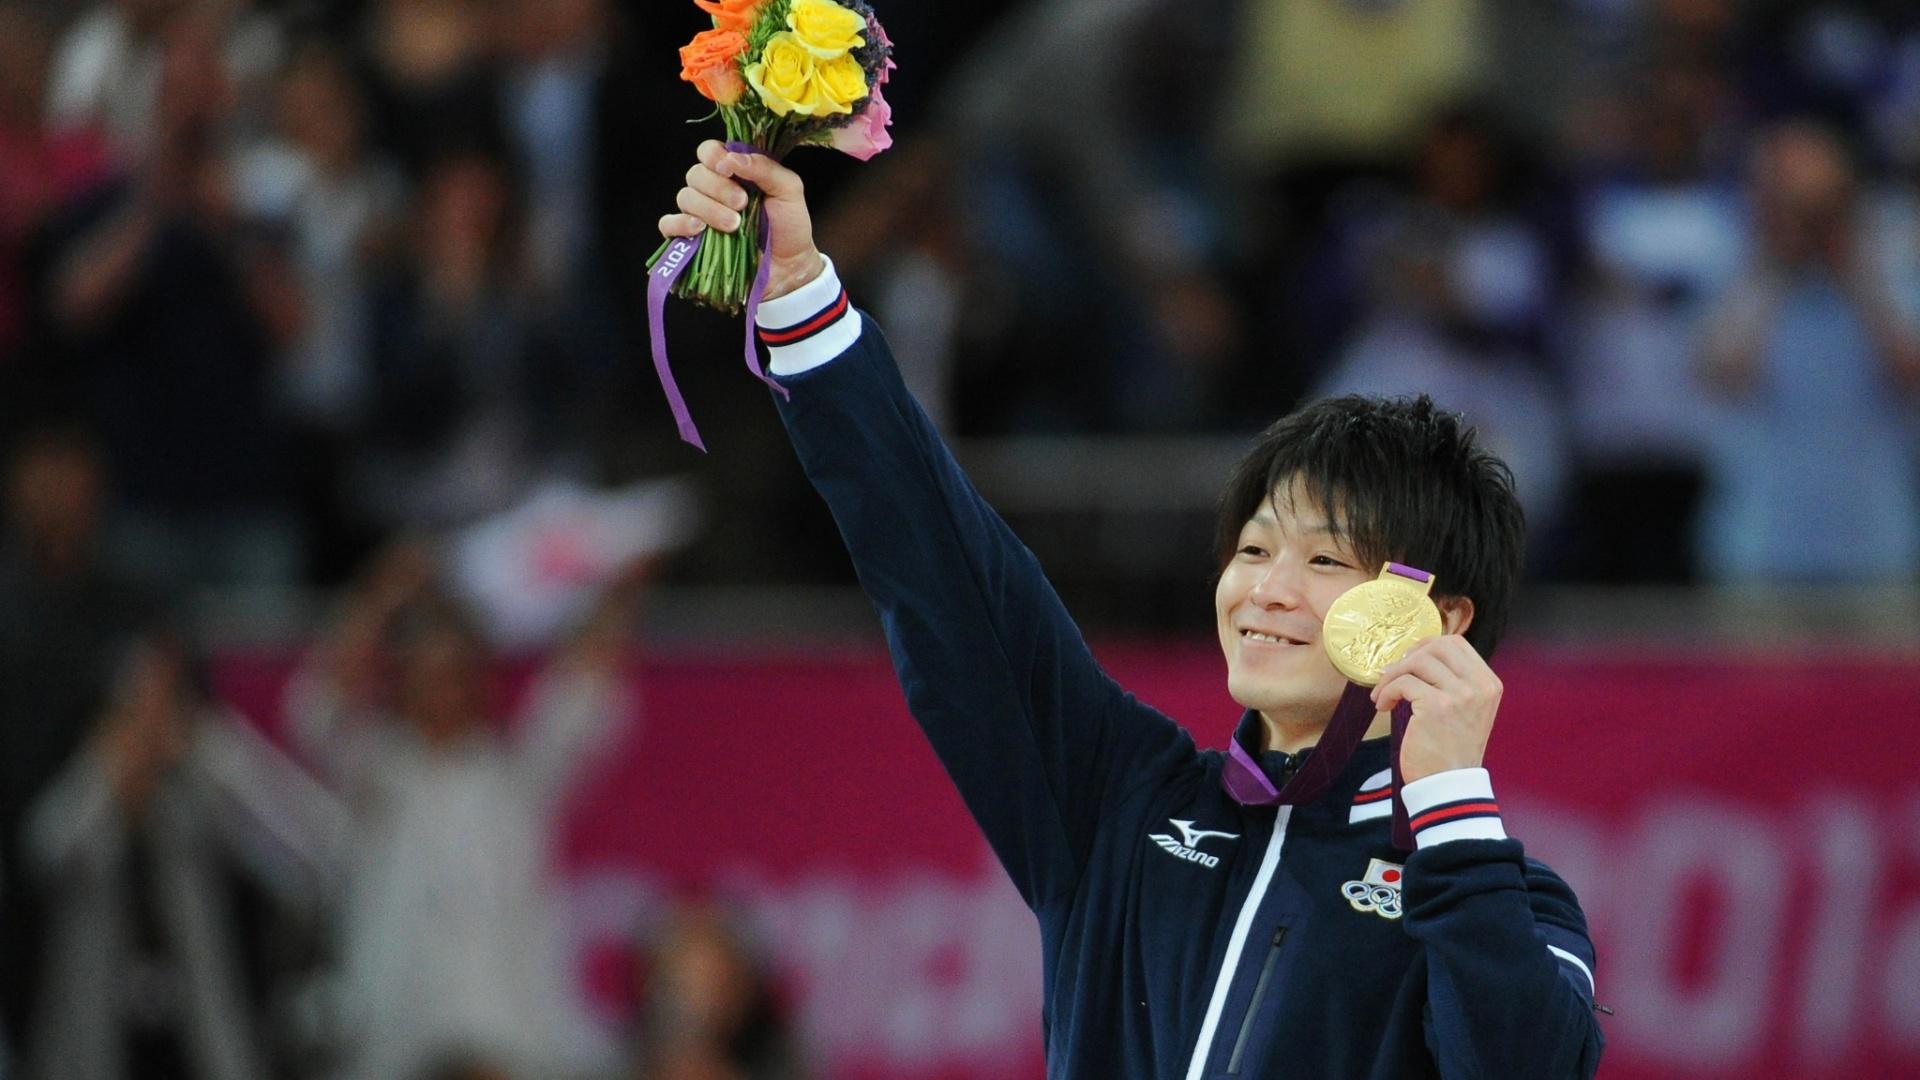 Japonês Kohei Uchimura mostra a medalha de ouro conquistada por ele na final de individual geral da ginástica artística